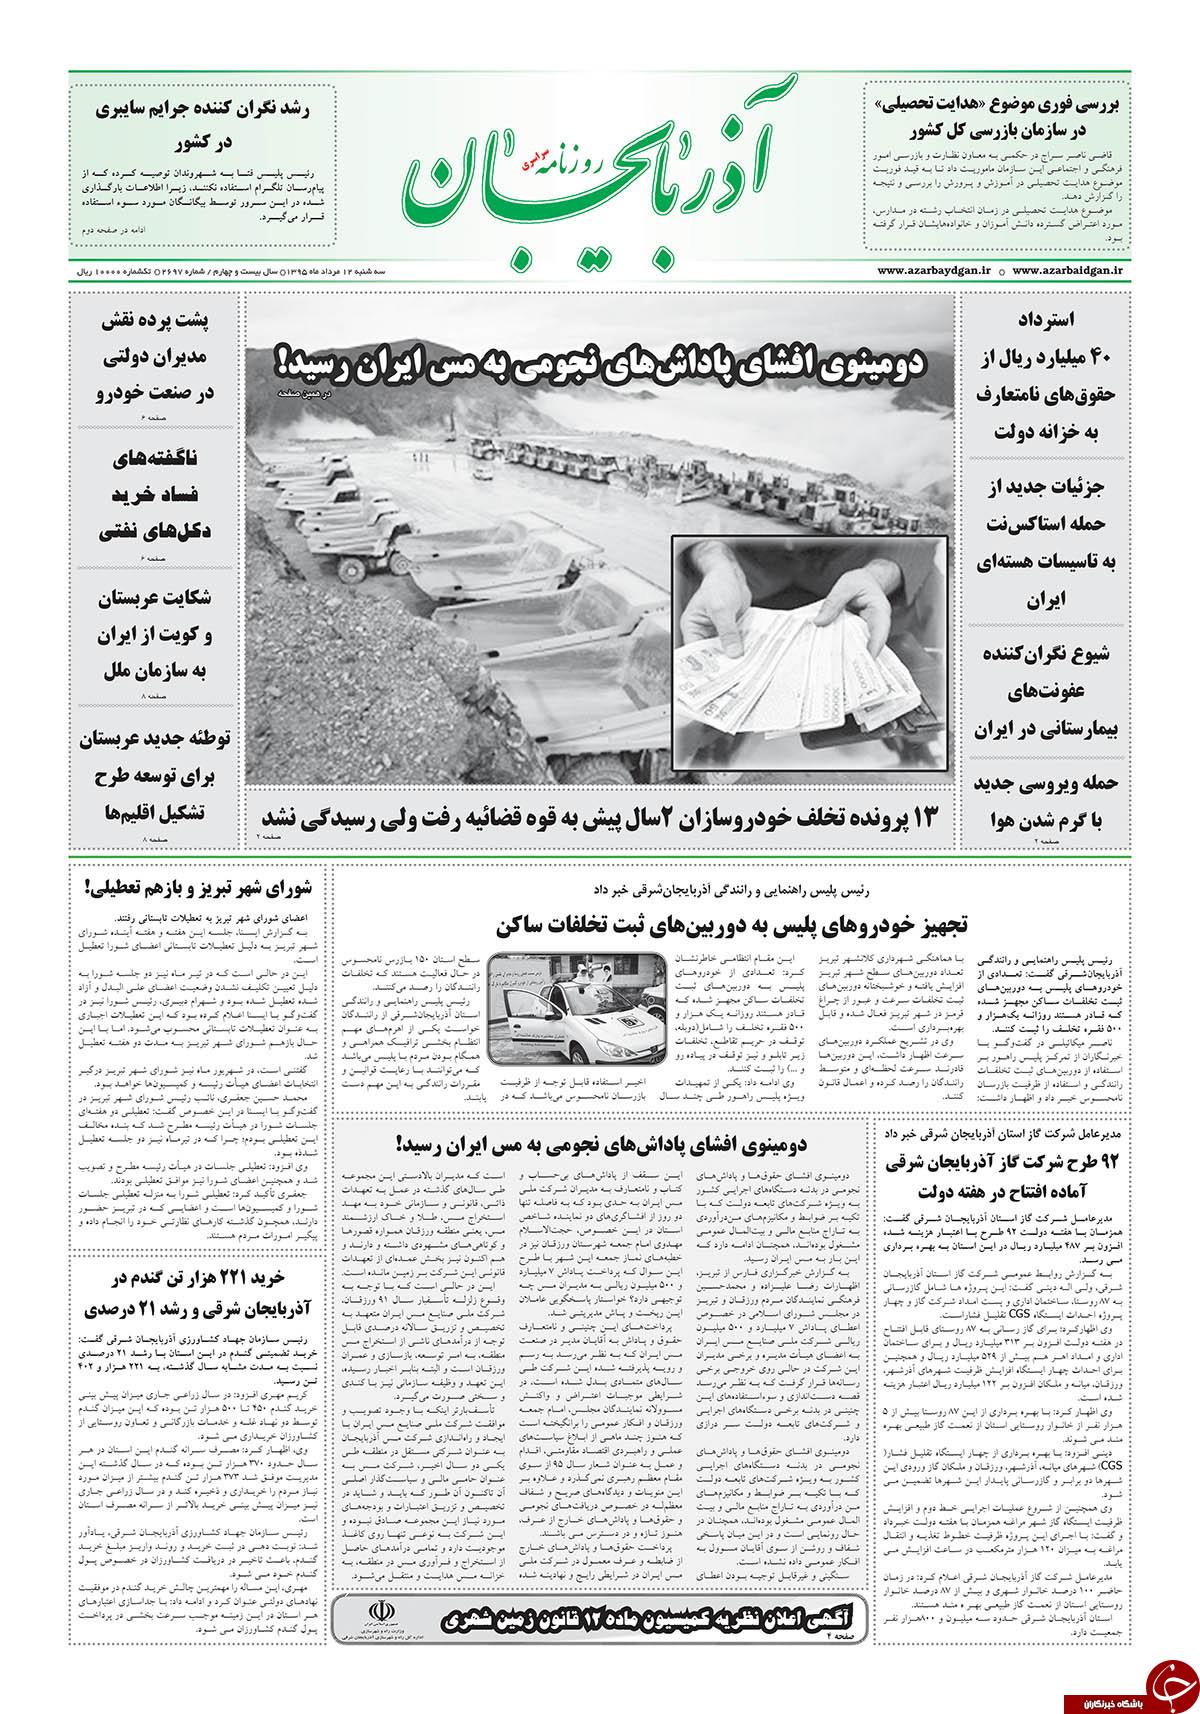 صفحه نخست روزنامه استانآذربایجان شرقی 3 شنبه 12مرداد ماه